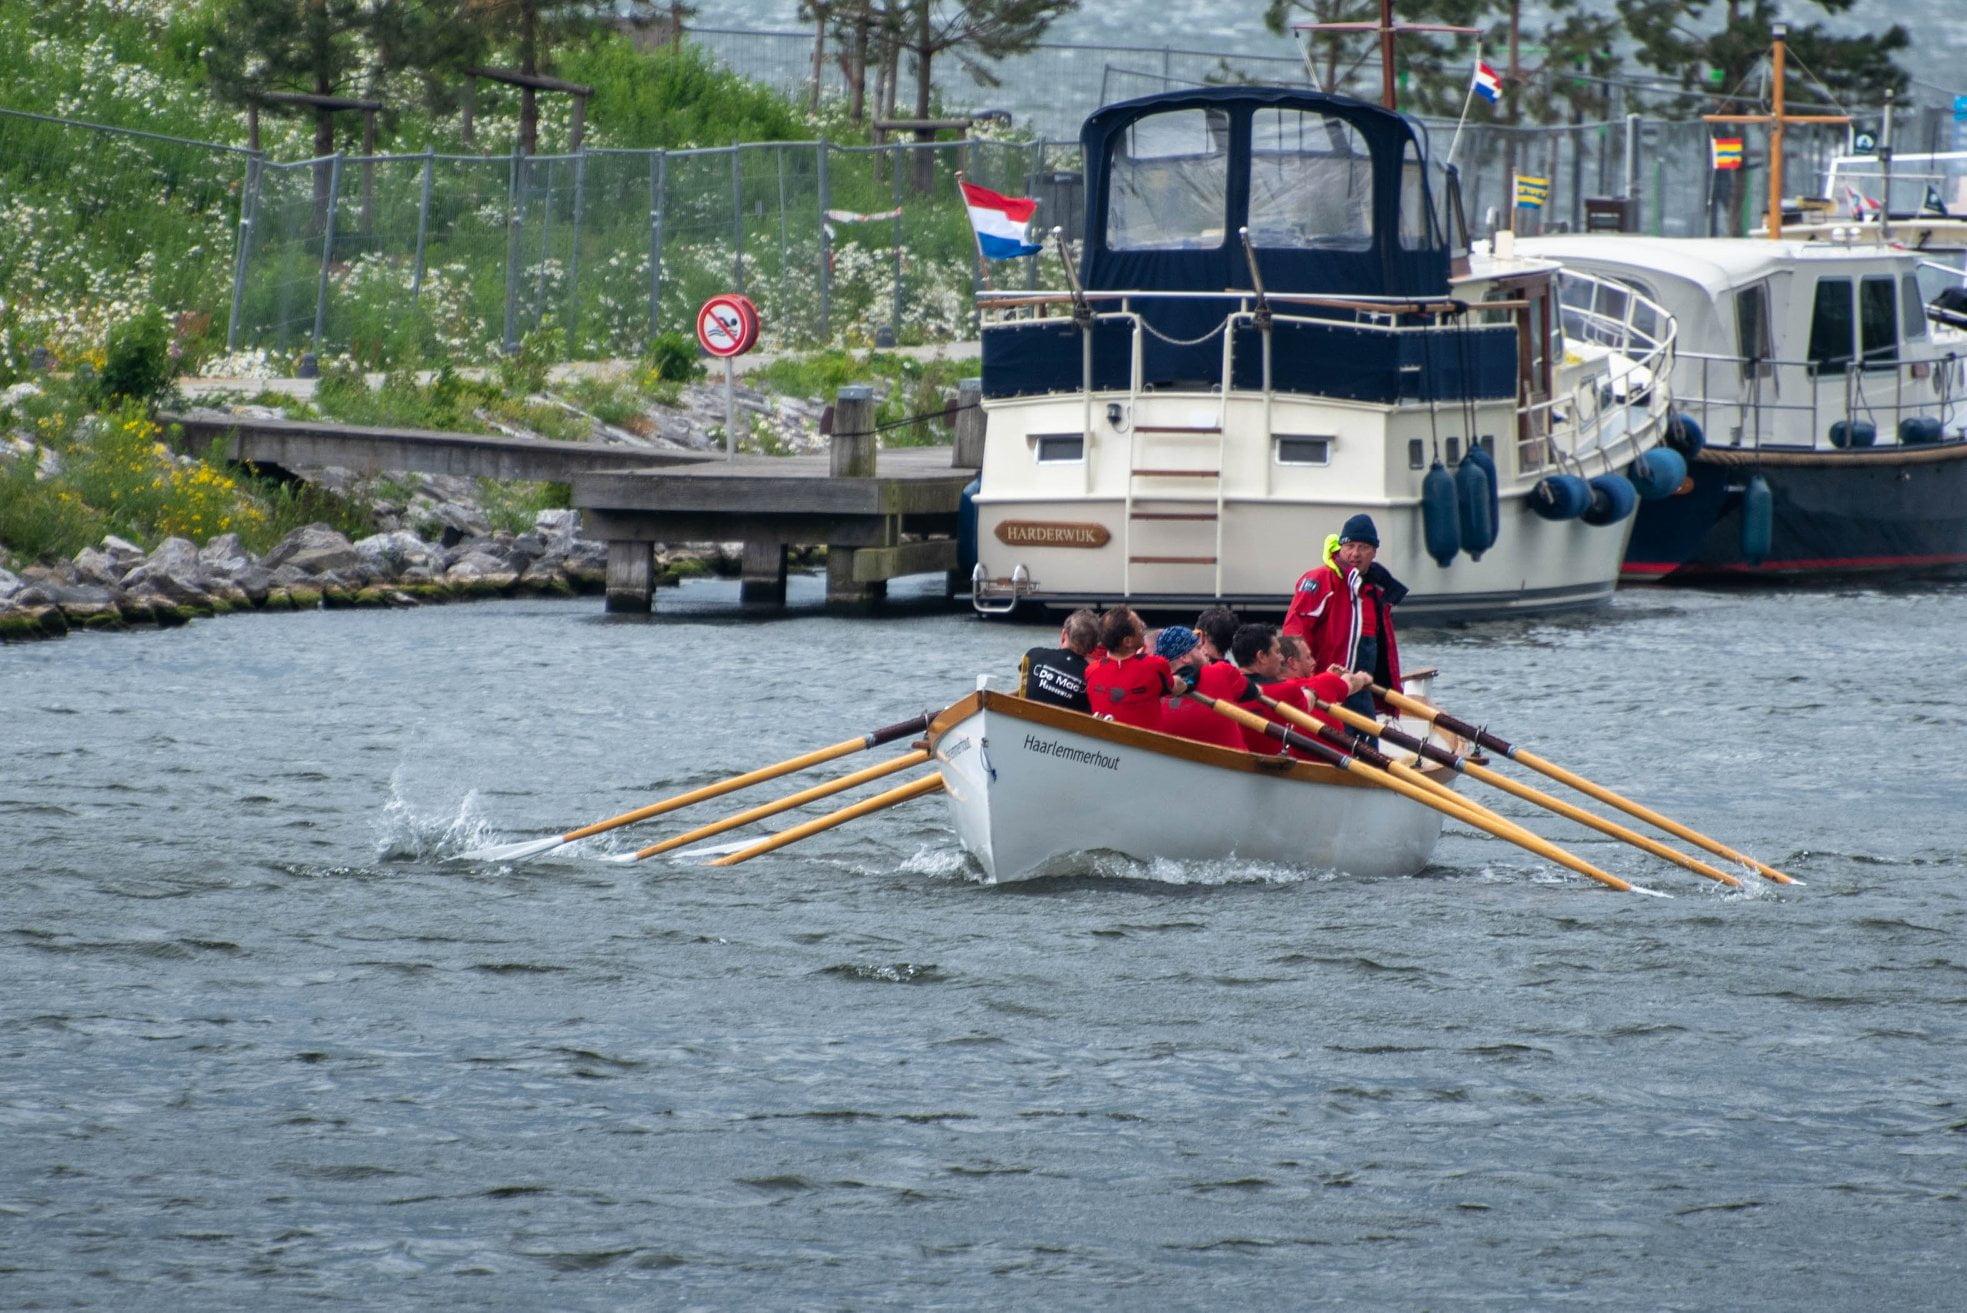 Harderwijk 2019